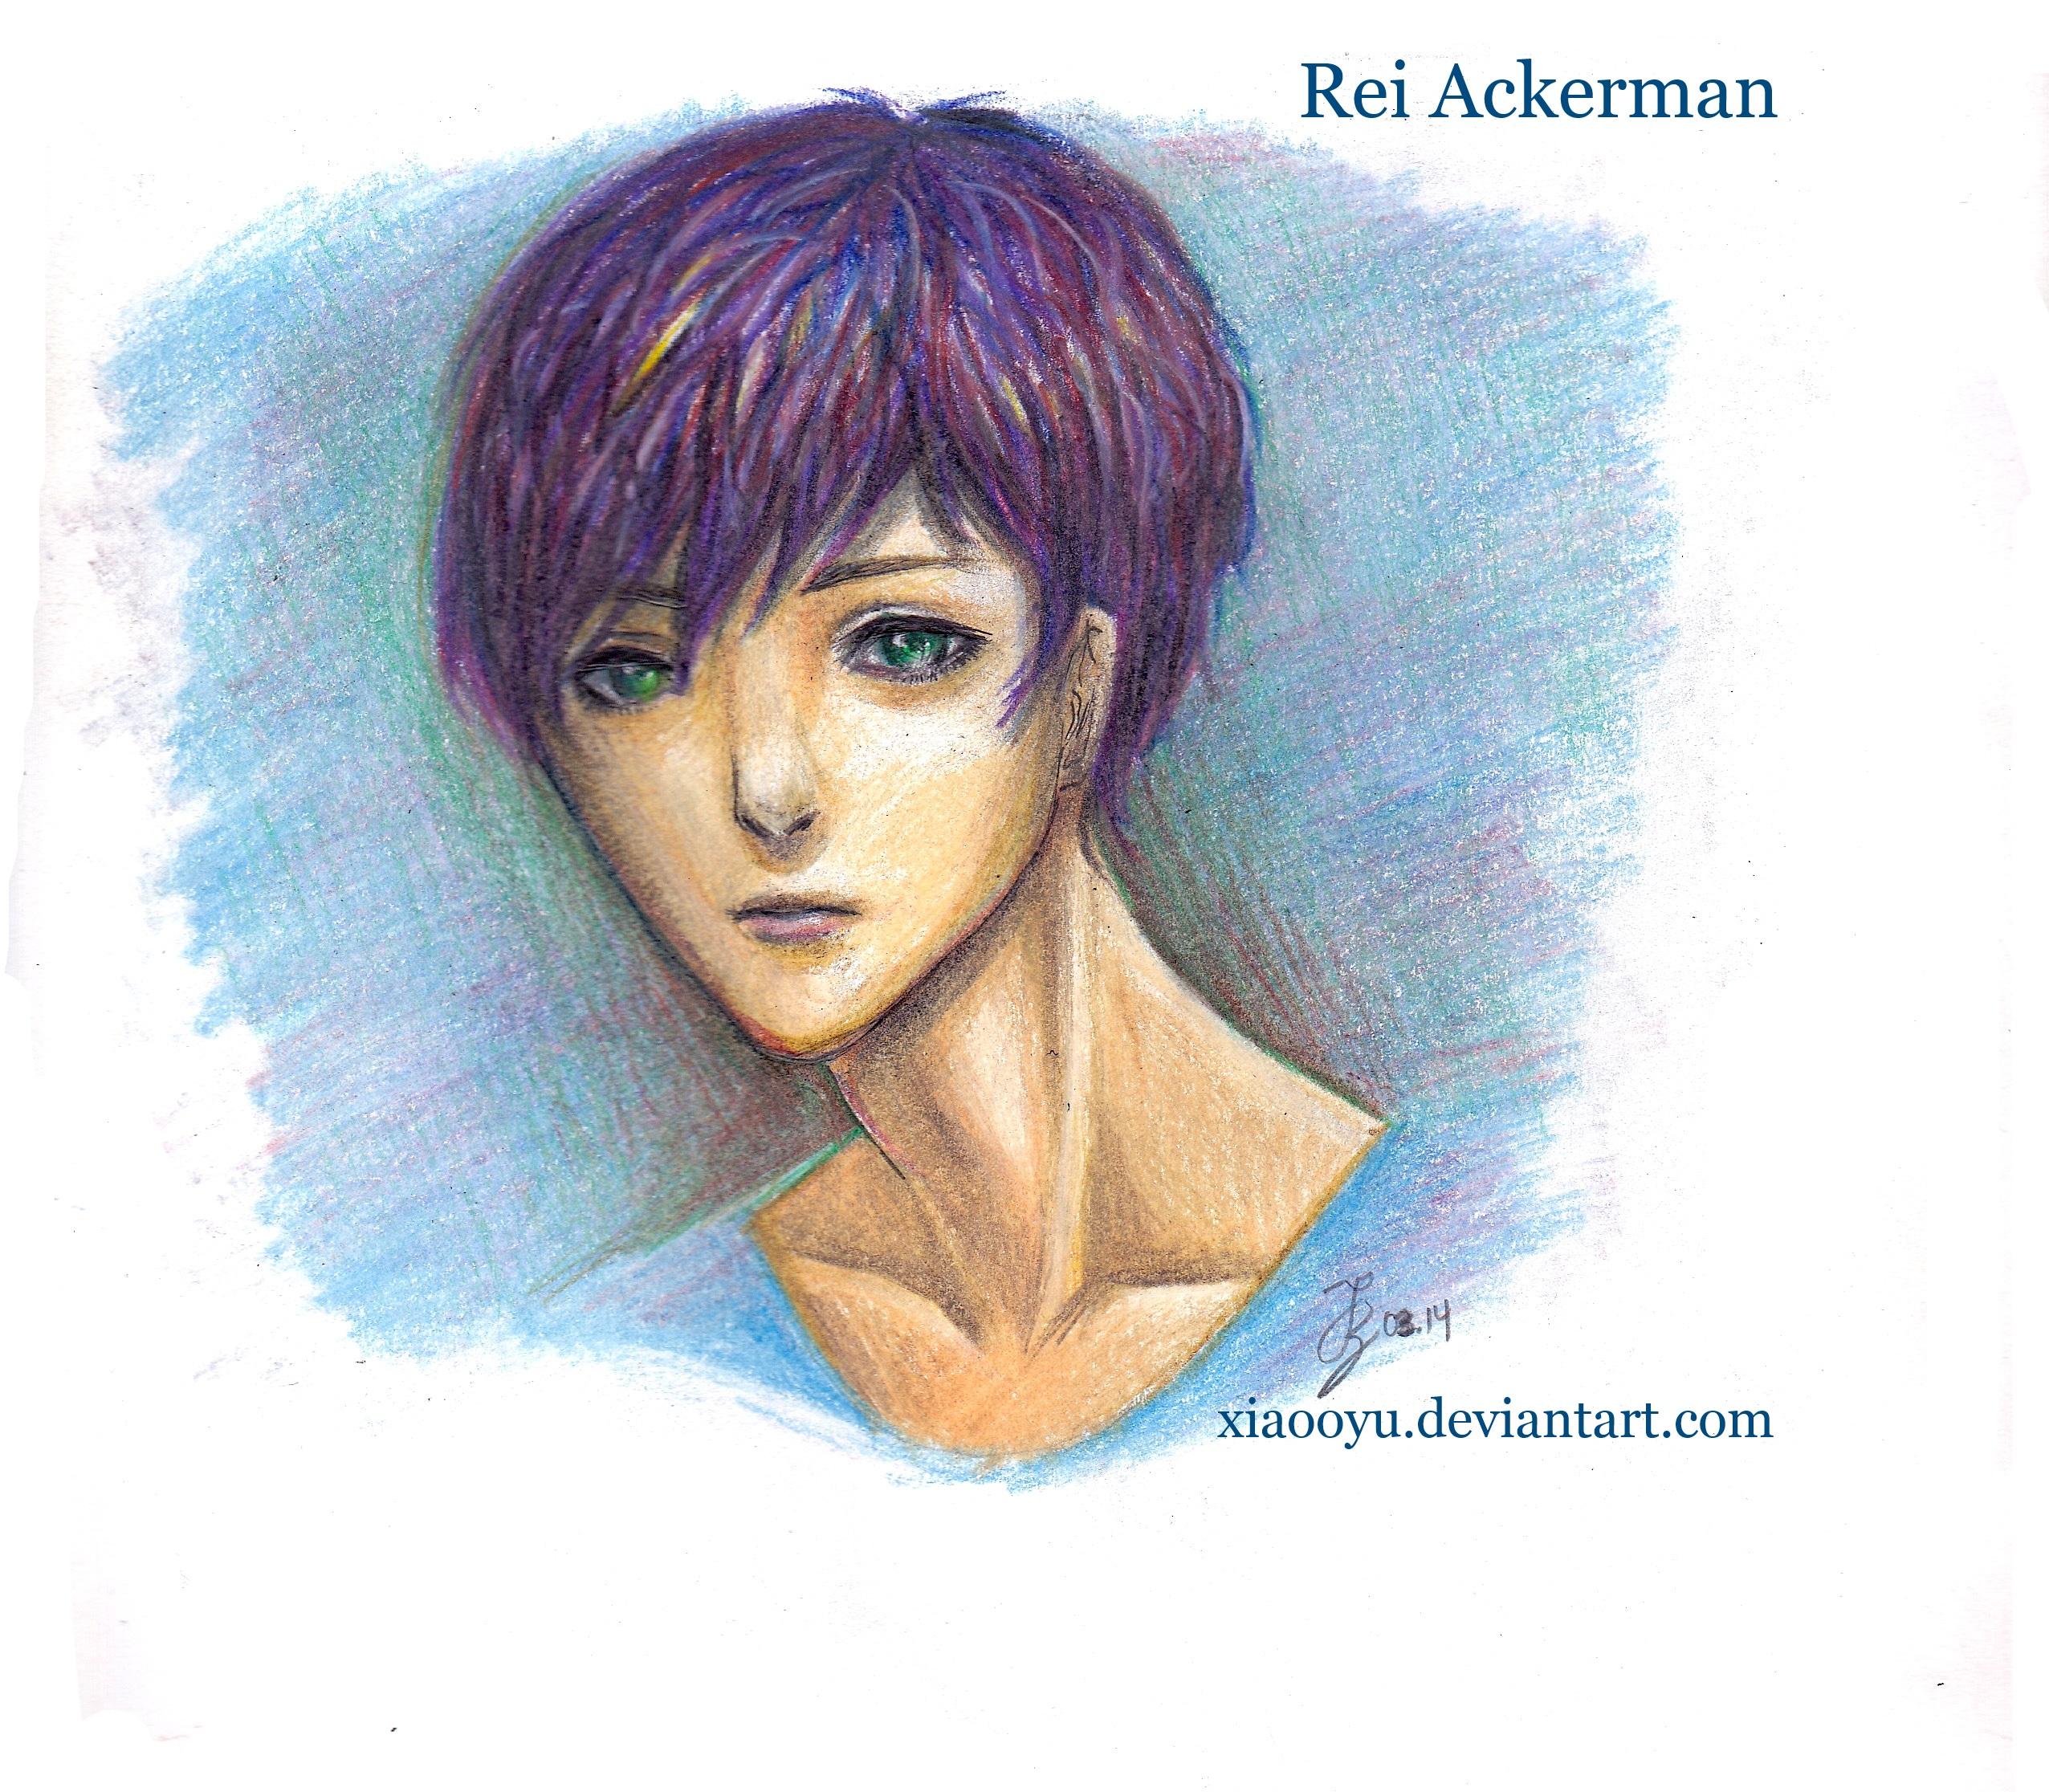 Rei Ackerman By Xiaooyu On DeviantArt